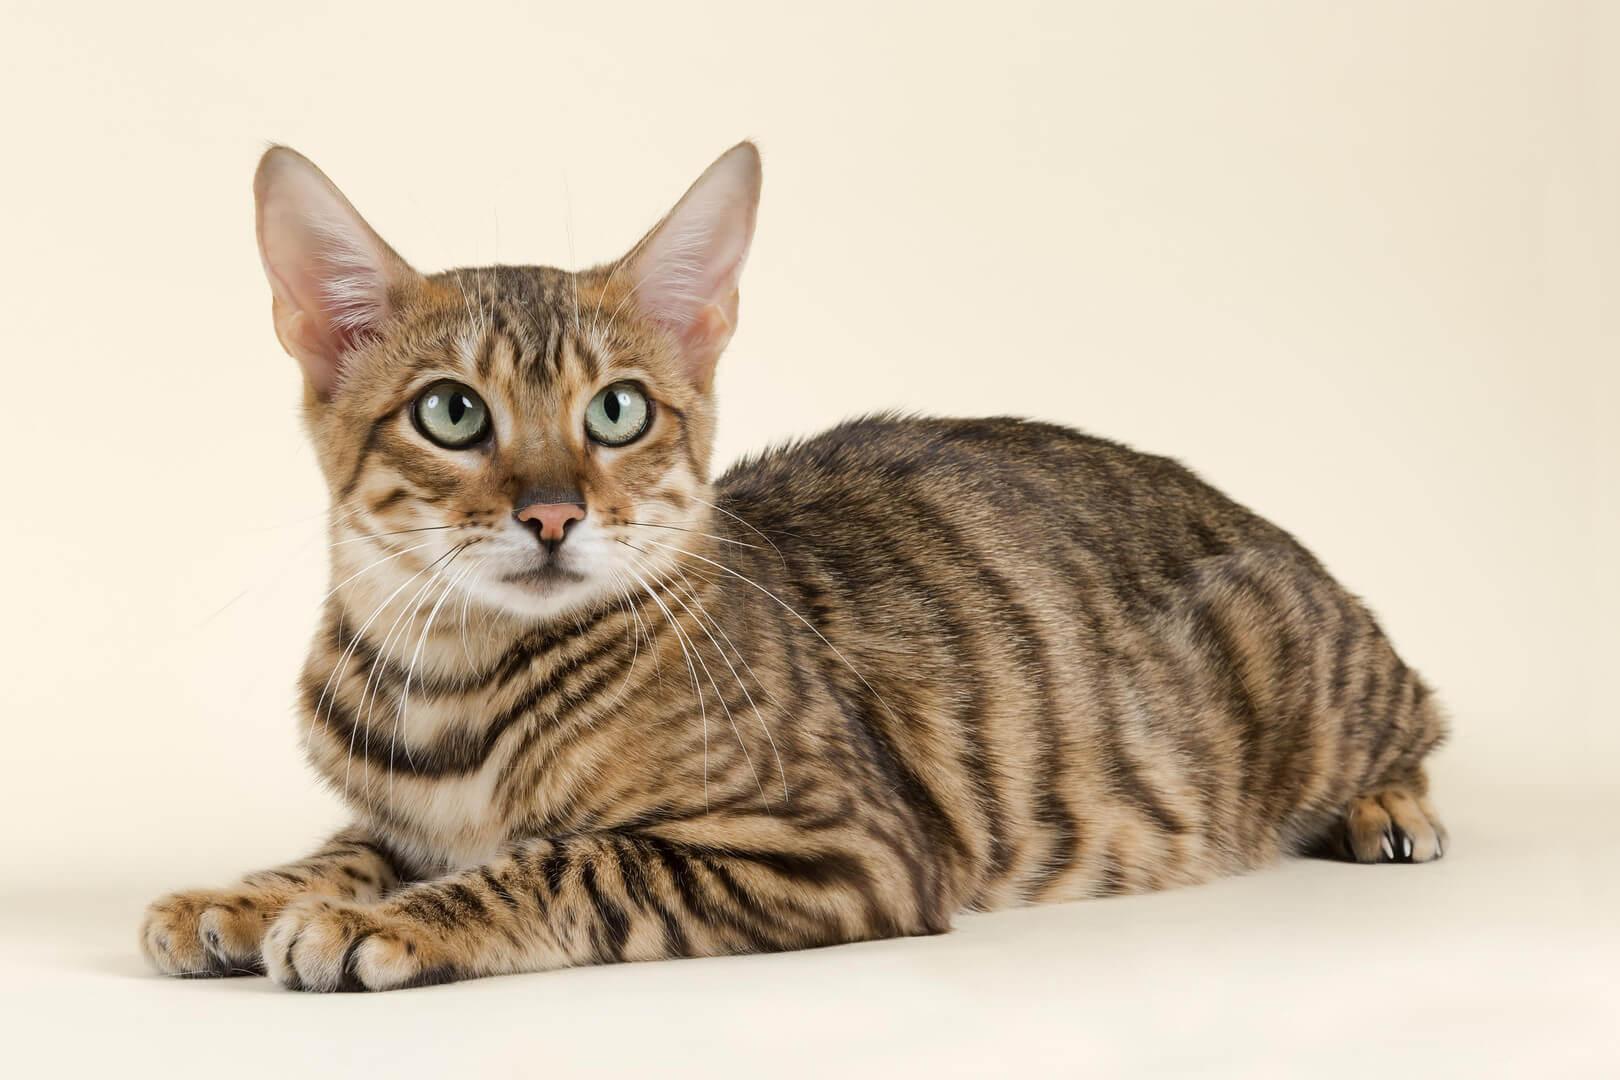 смугастий кіт (таббі)